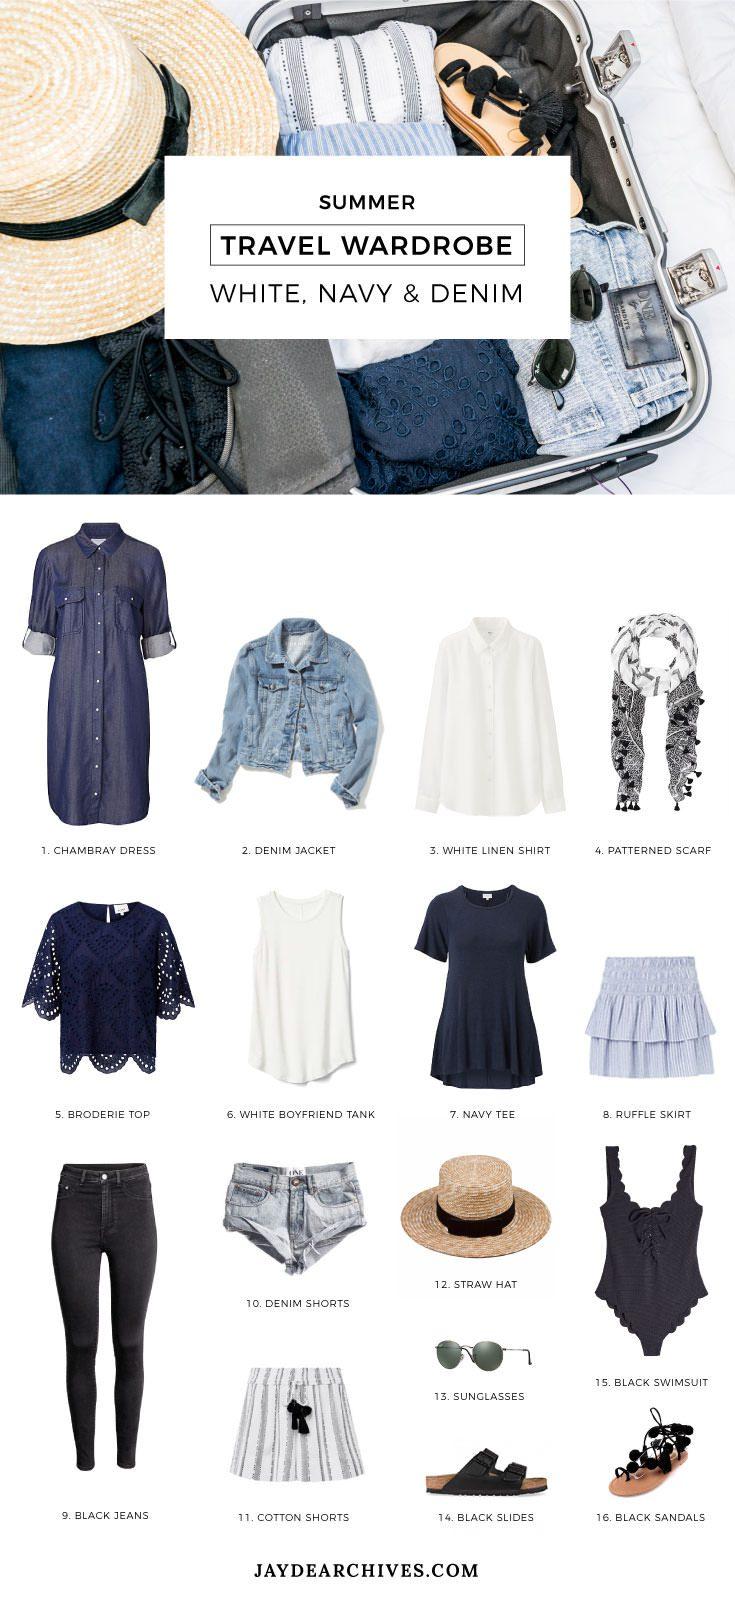 Summer Travel Wardrobe: White, Navy & Denim